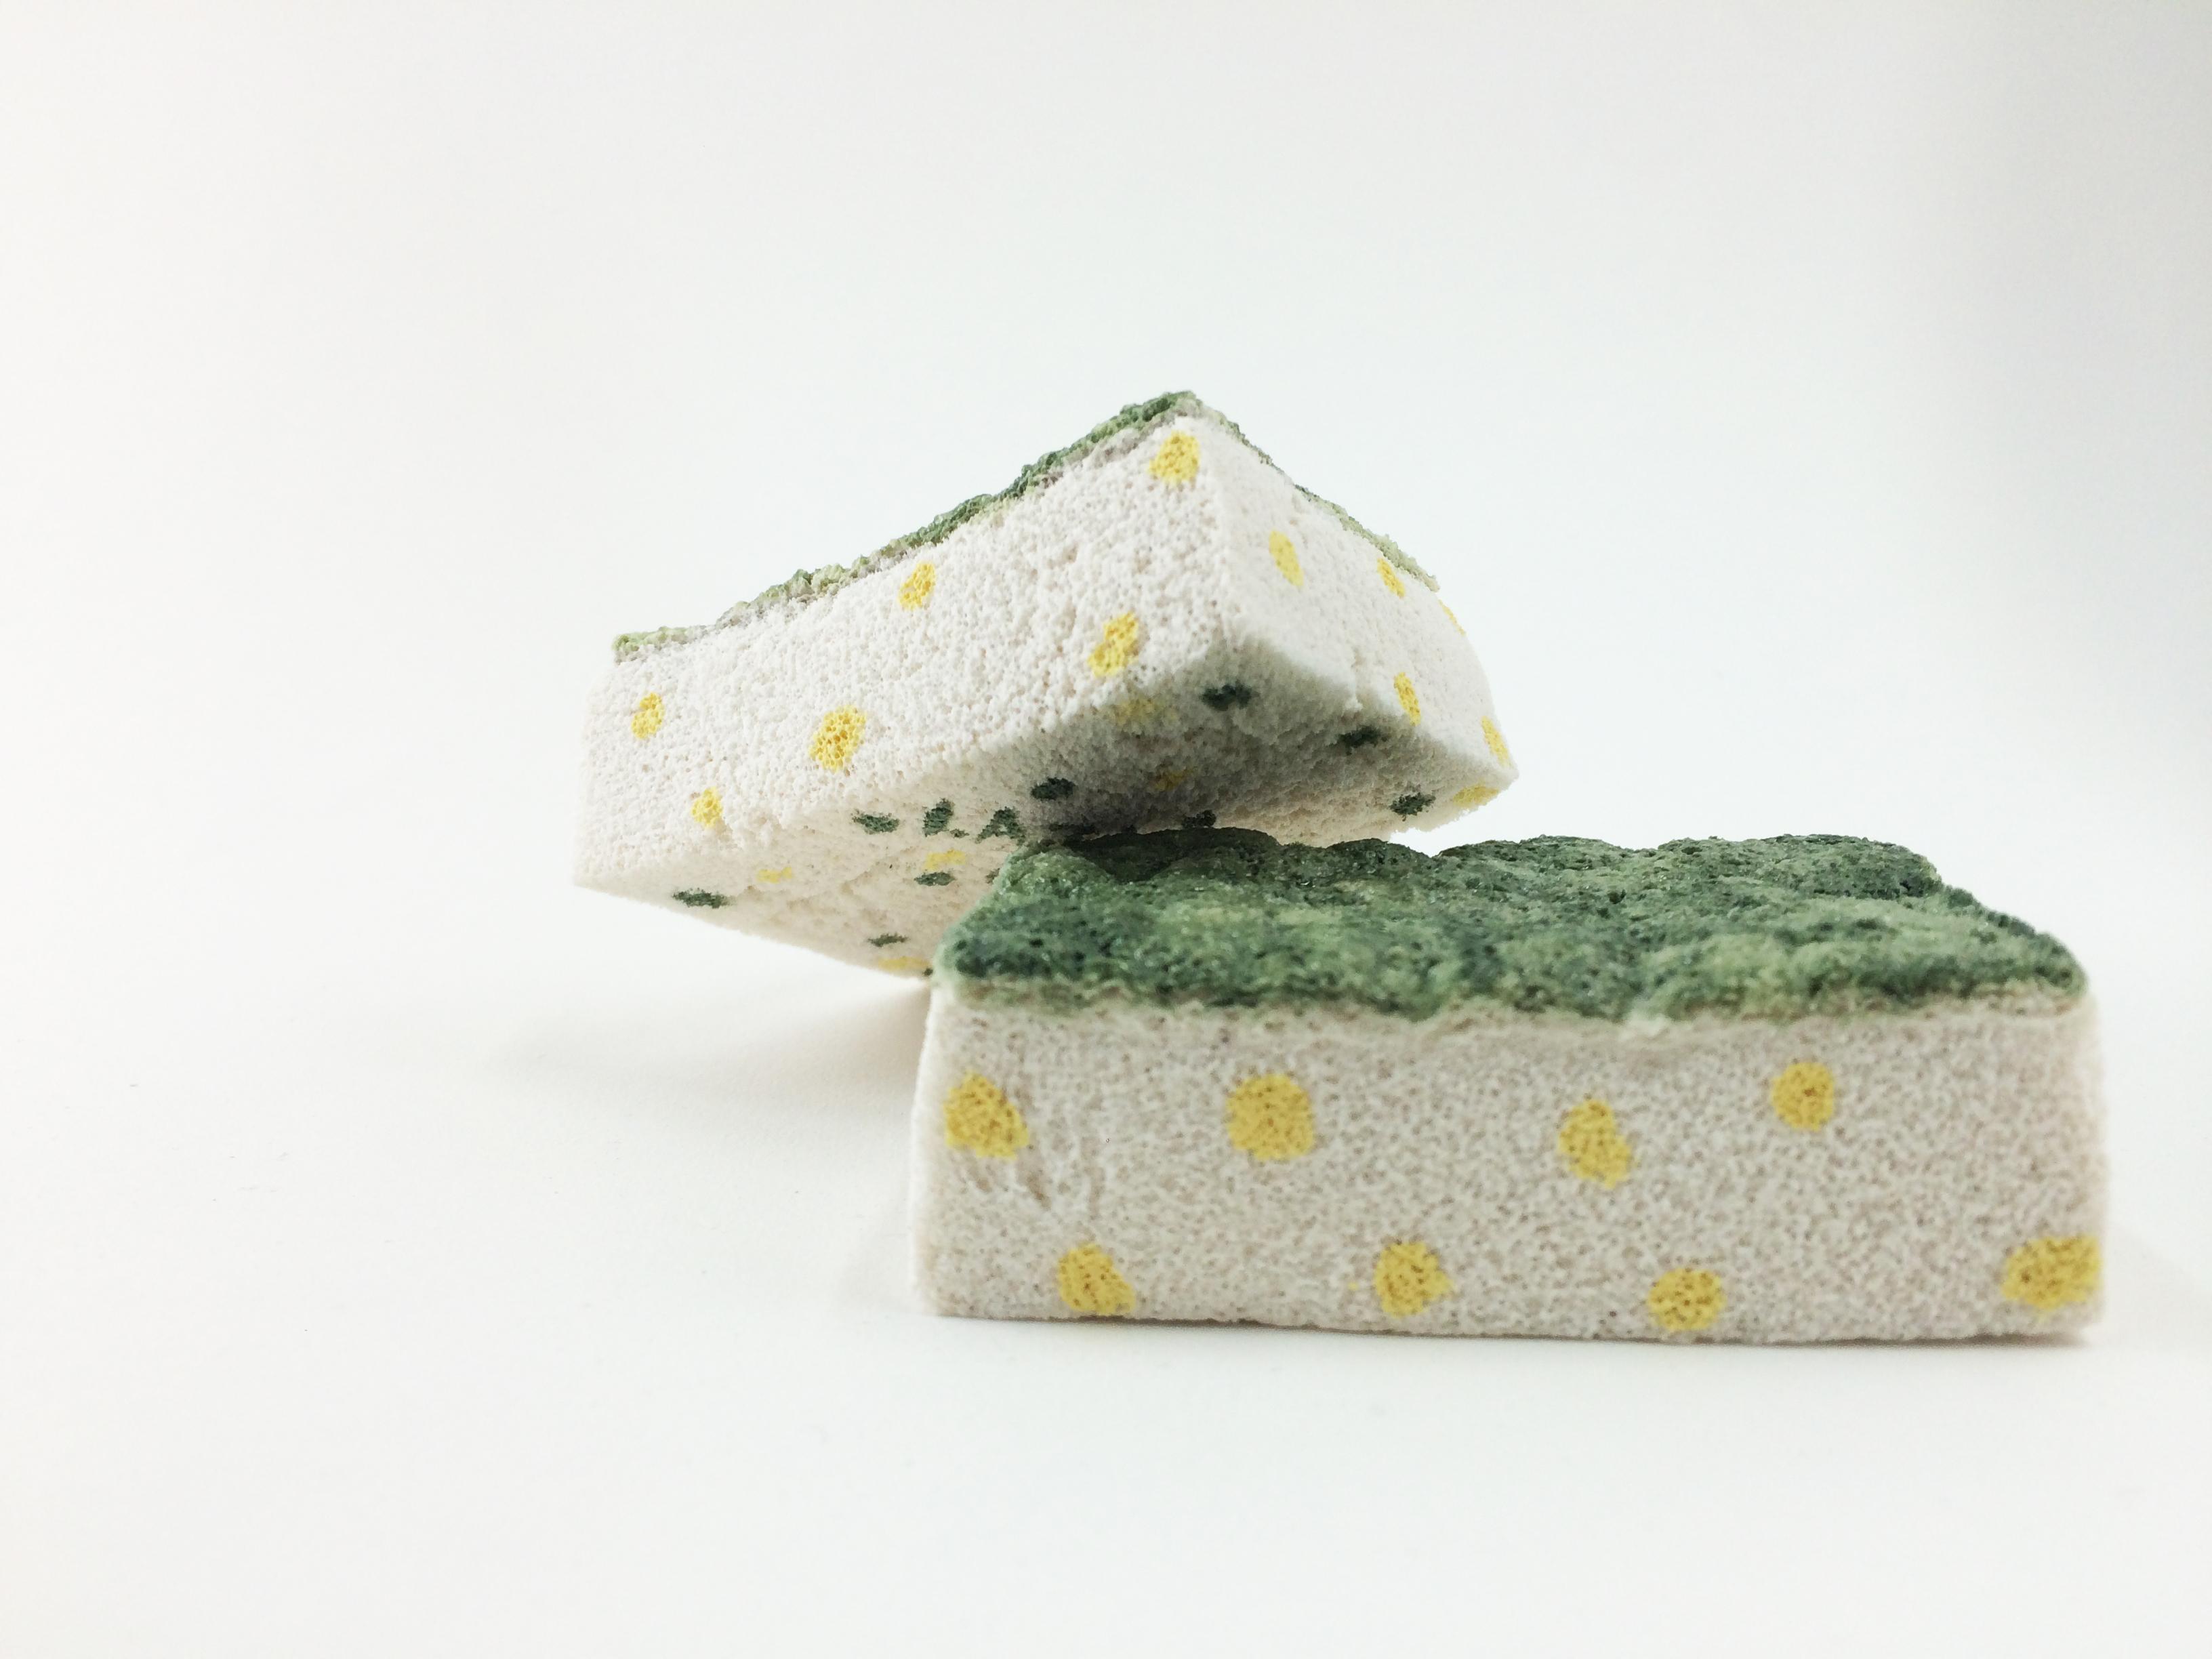 Susan- Sponges